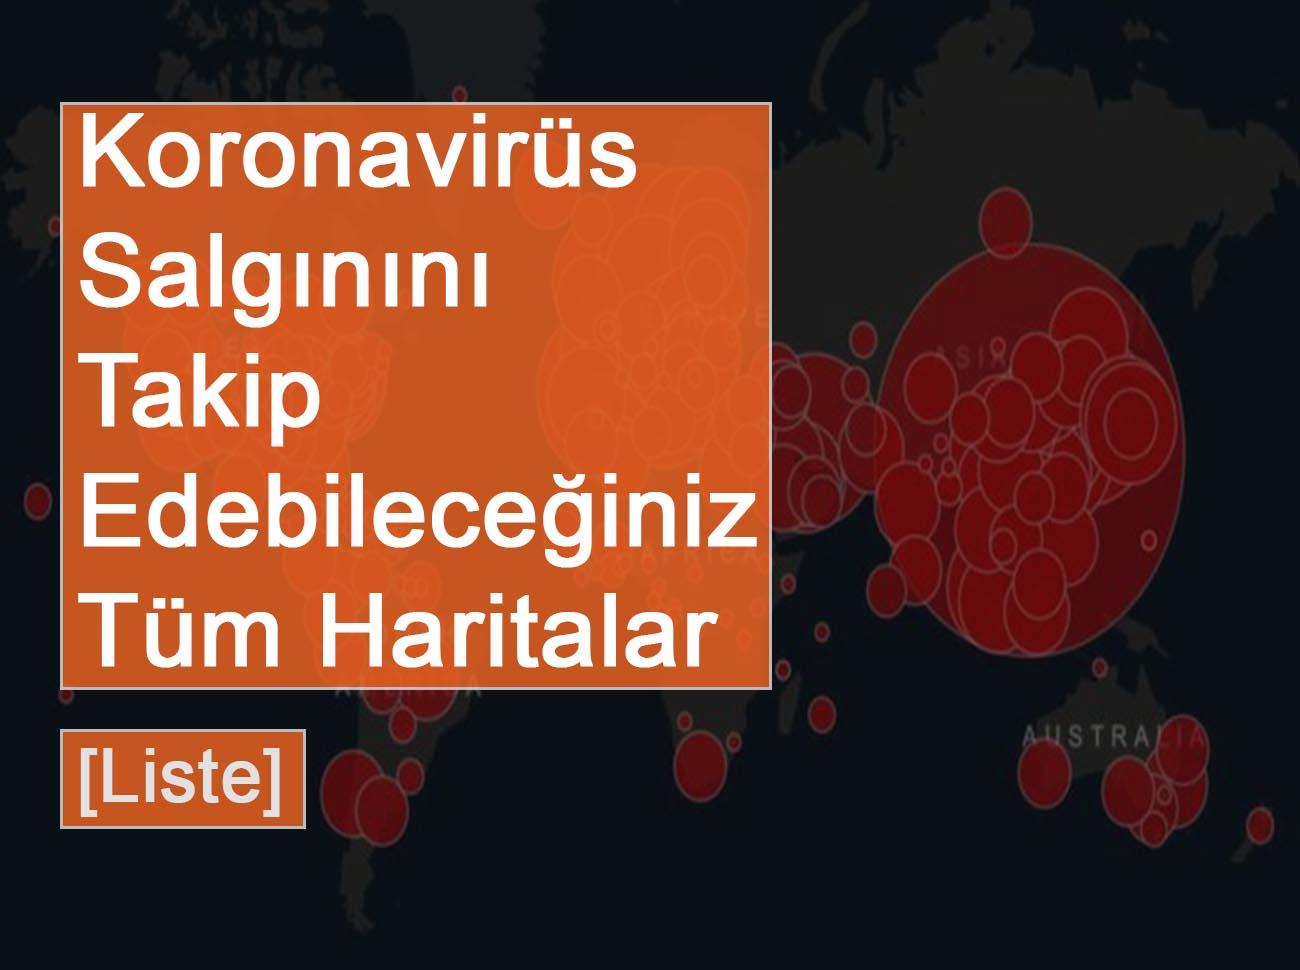 Koronavirüs Salgınını Takip Edebileceğiniz Haritalar